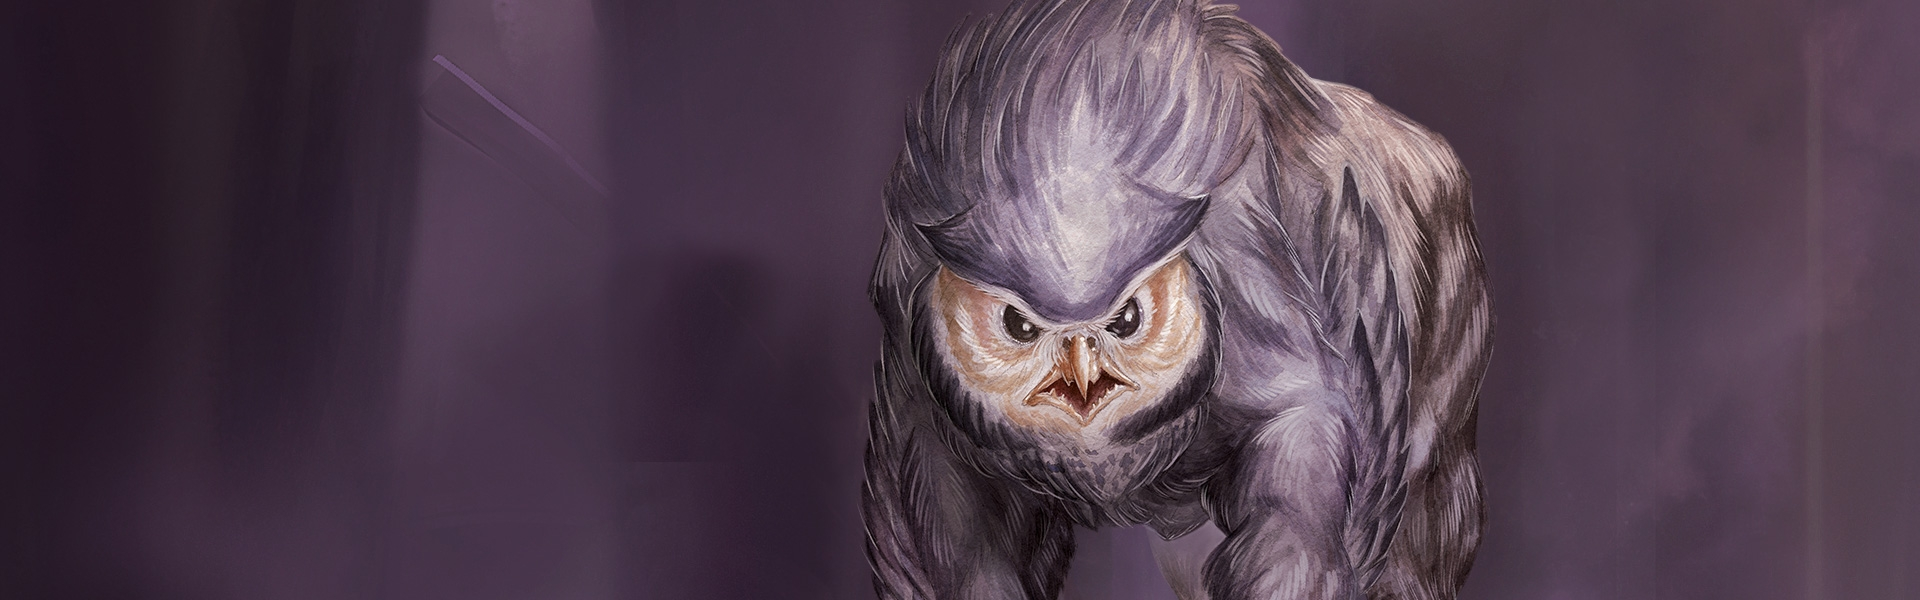 Monsters -- Owlbear